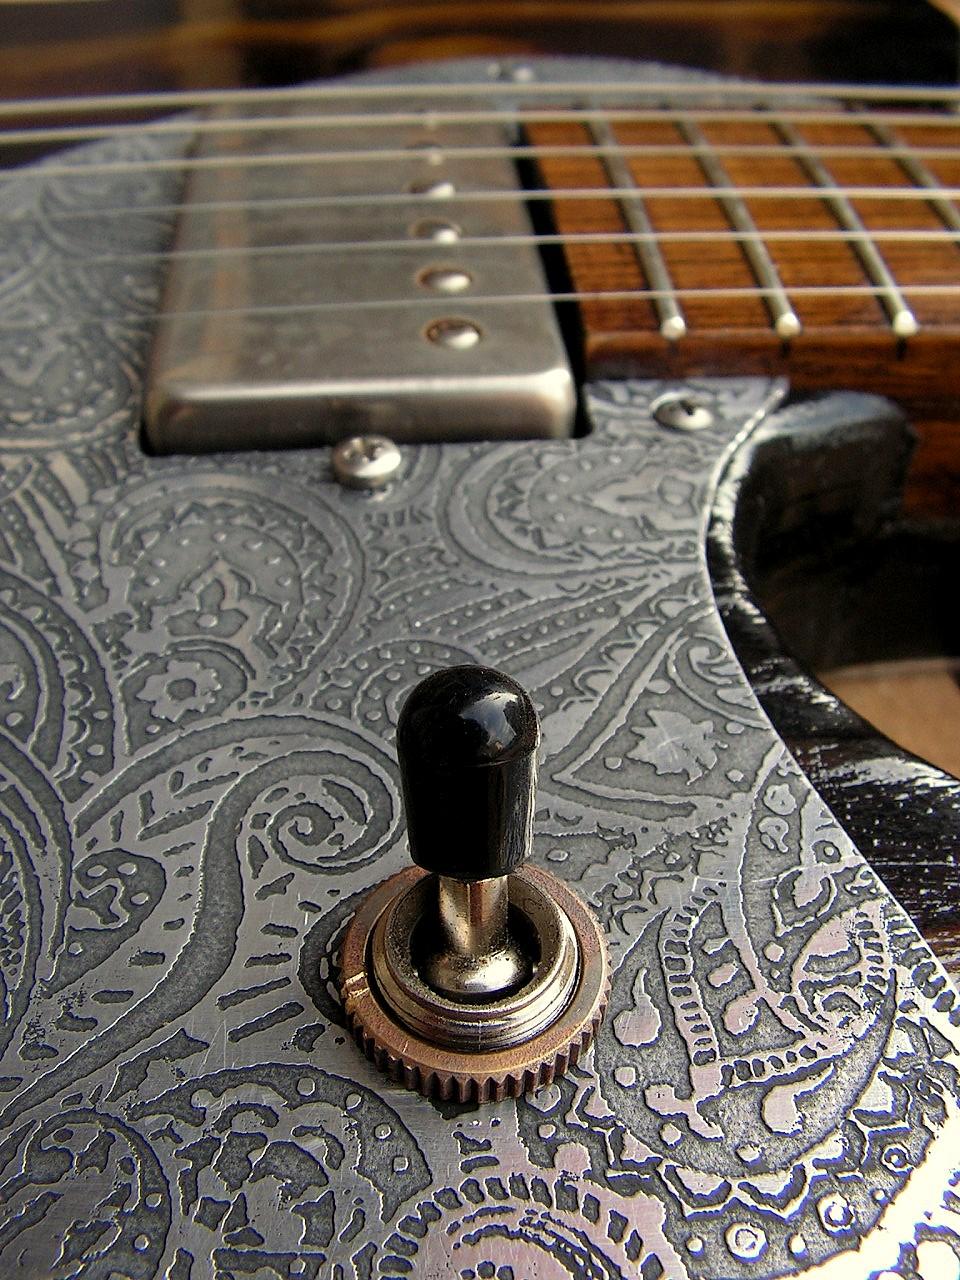 Dettaglio di chitarra modello Telecaster in pino con humbucker al manico